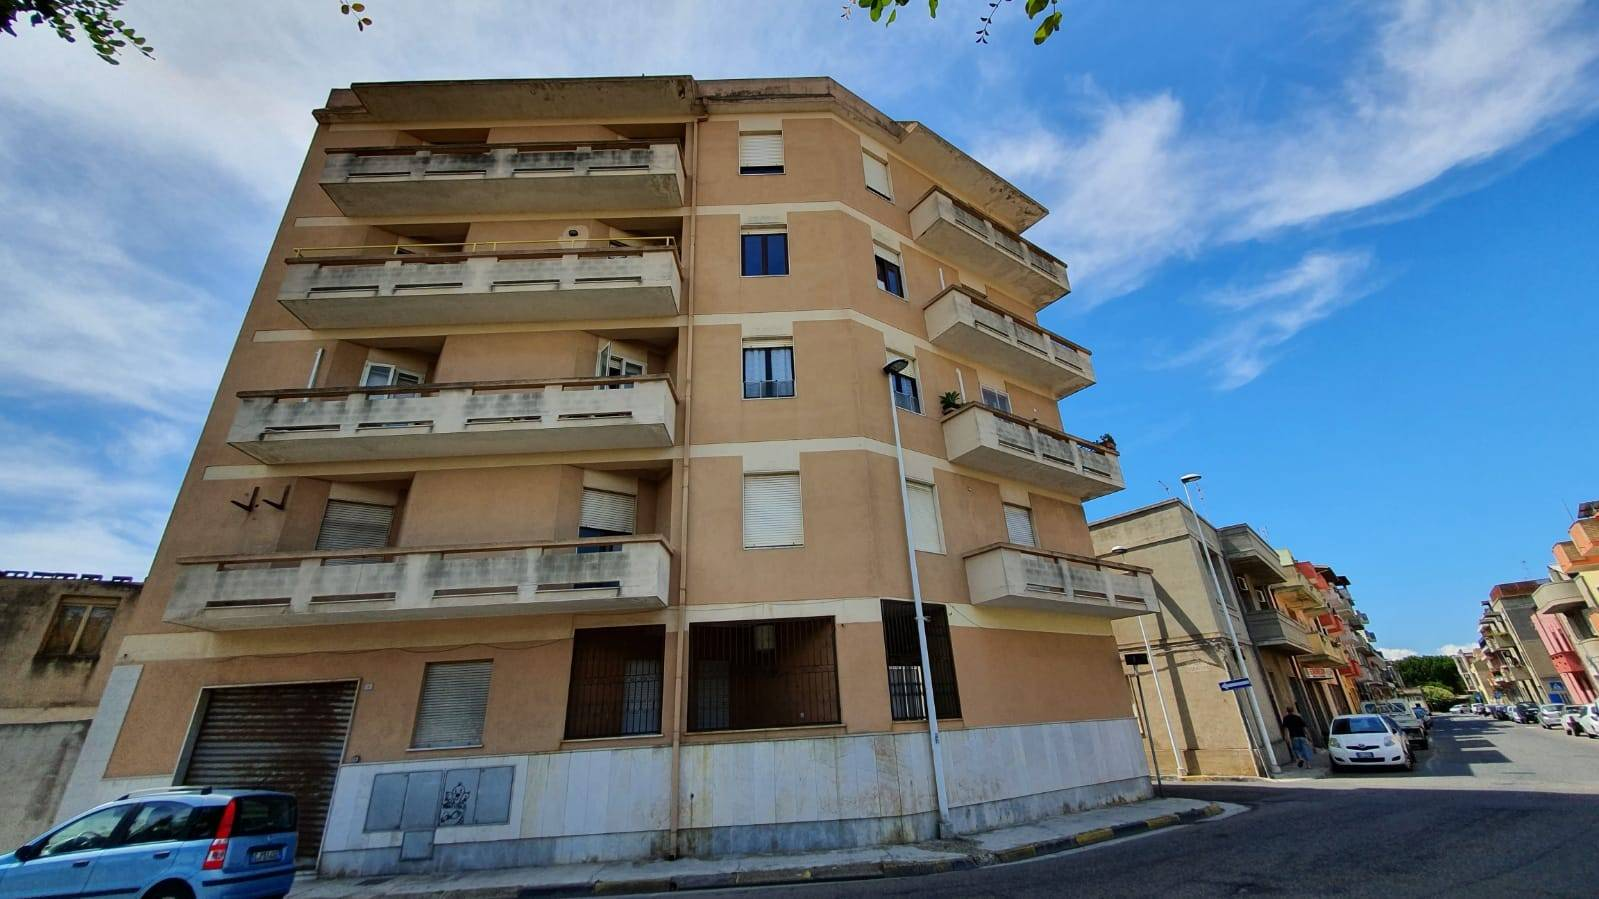 Appartamento in vendita a Quartu Sant'Elena, 3 locali, prezzo € 103.000 | PortaleAgenzieImmobiliari.it